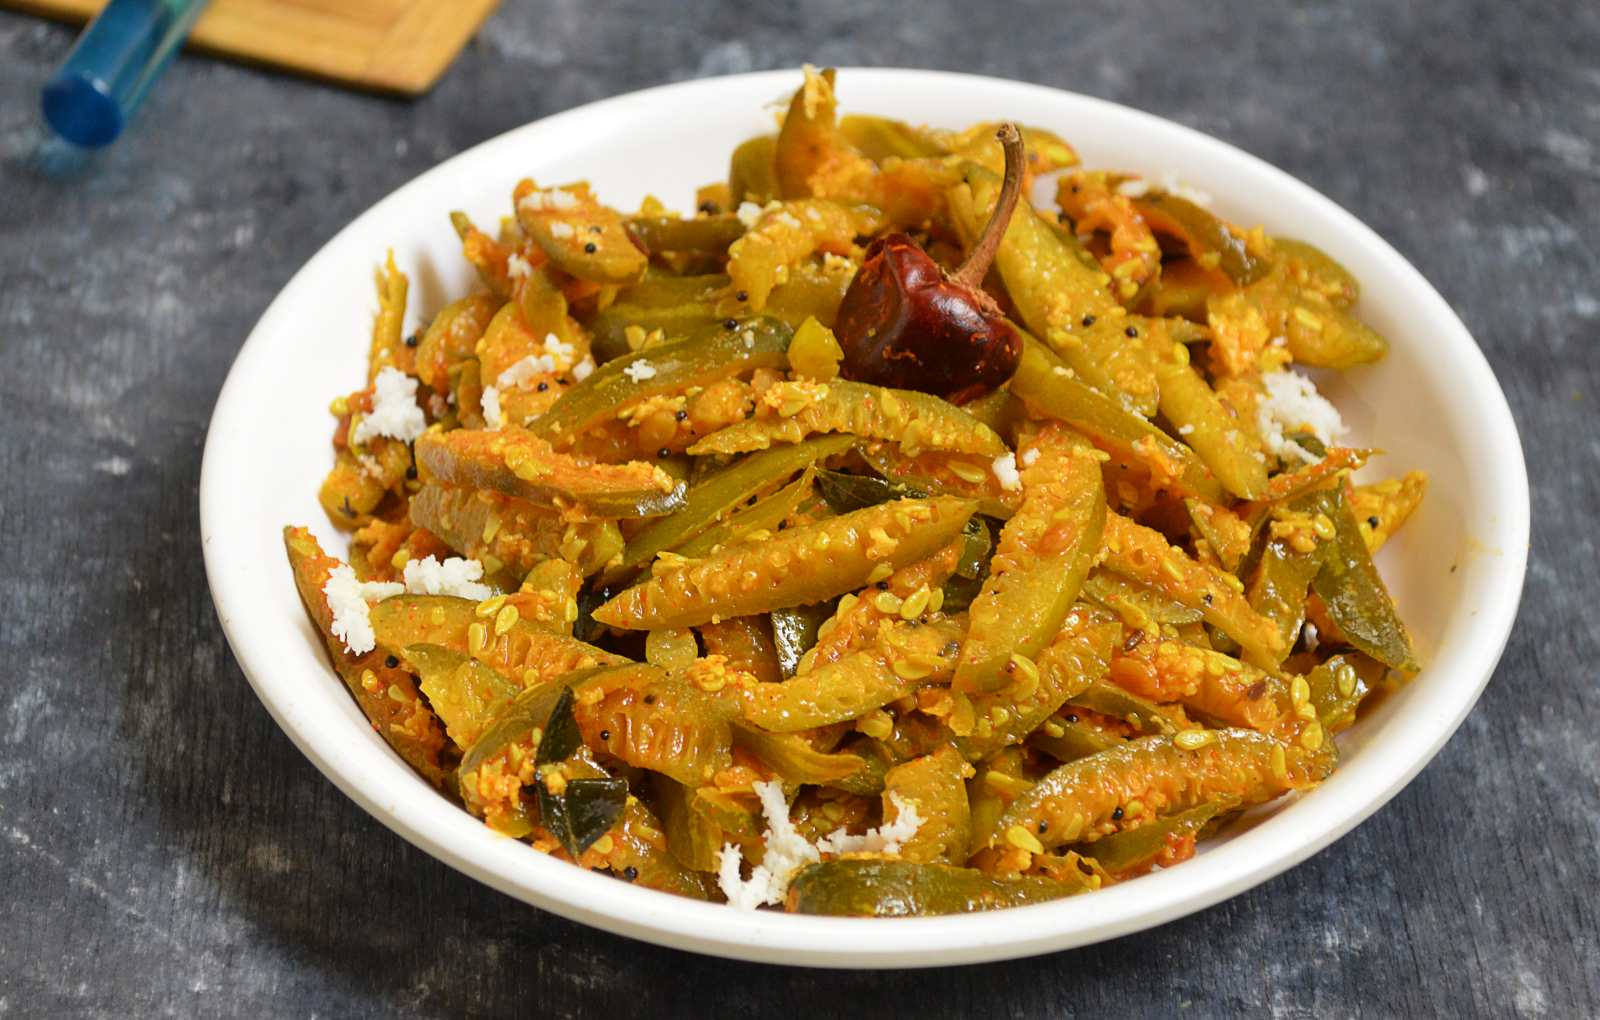 Goan tendli bhaji recipe by archanas kitchen goan tendli bhaji recipe forumfinder Choice Image